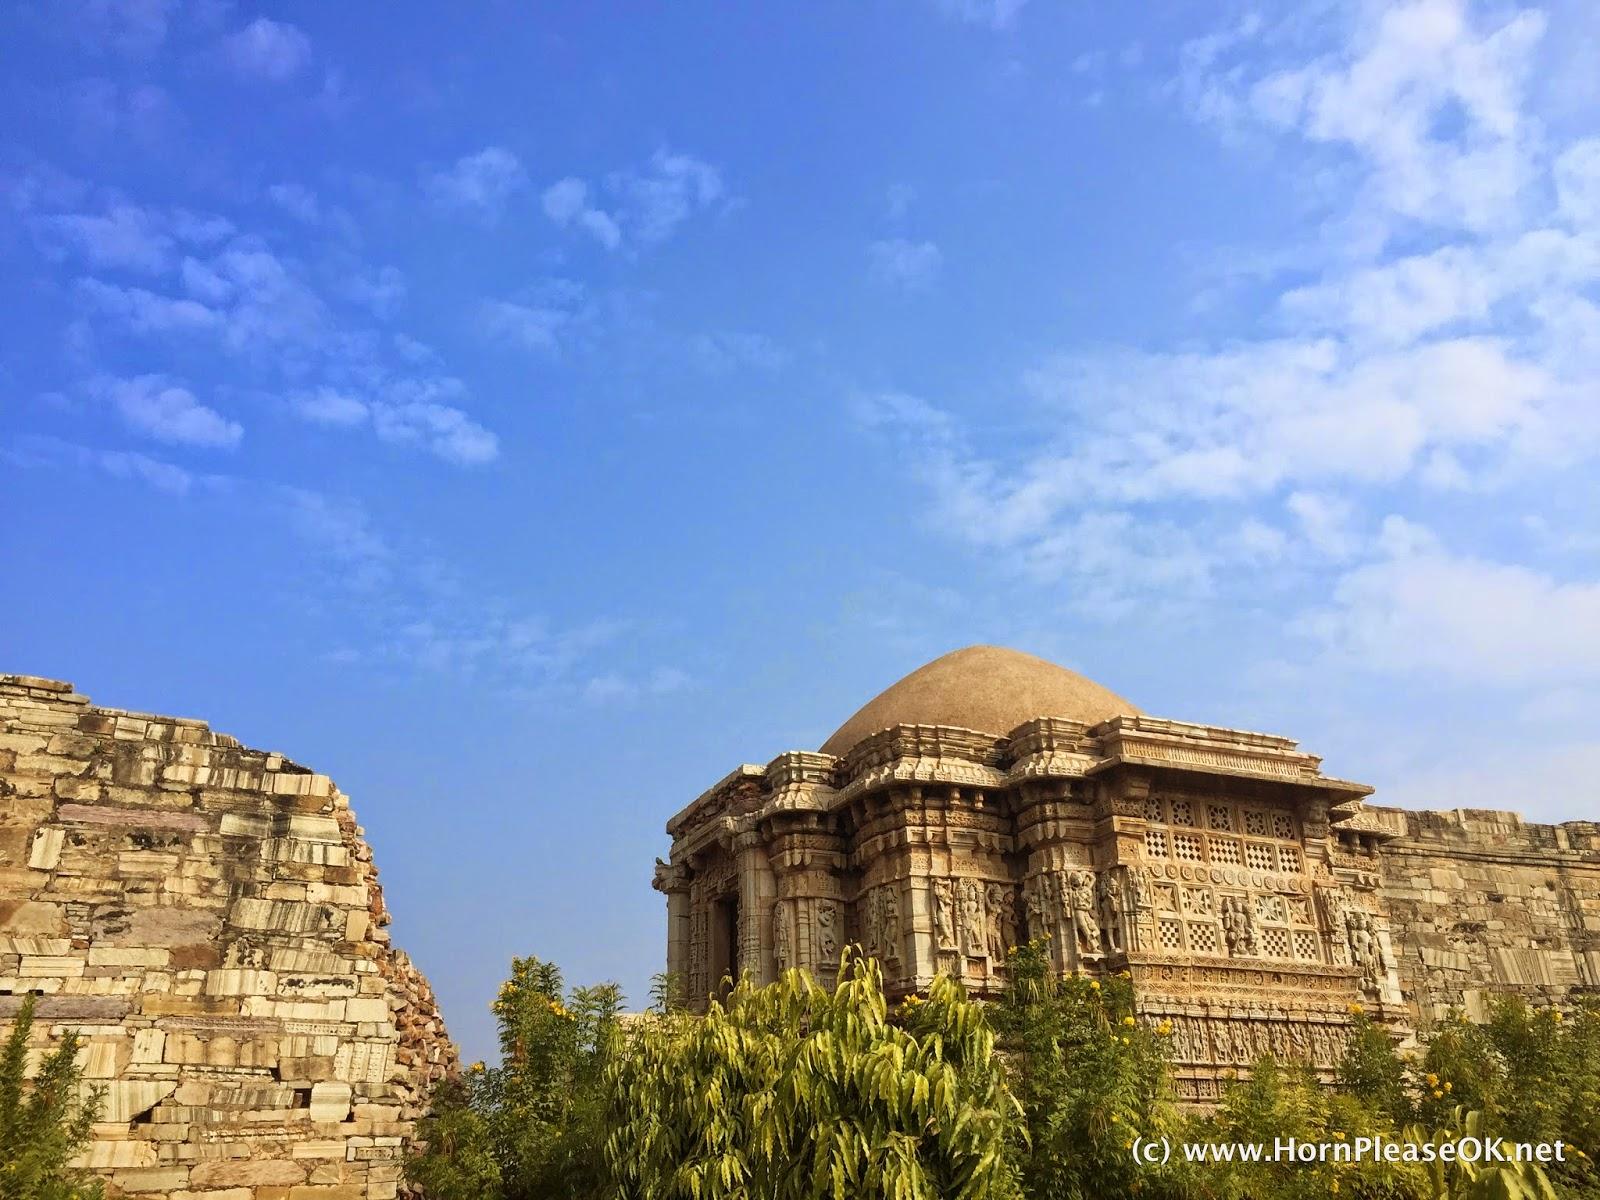 Jain Temple, Chittorgarh Fort